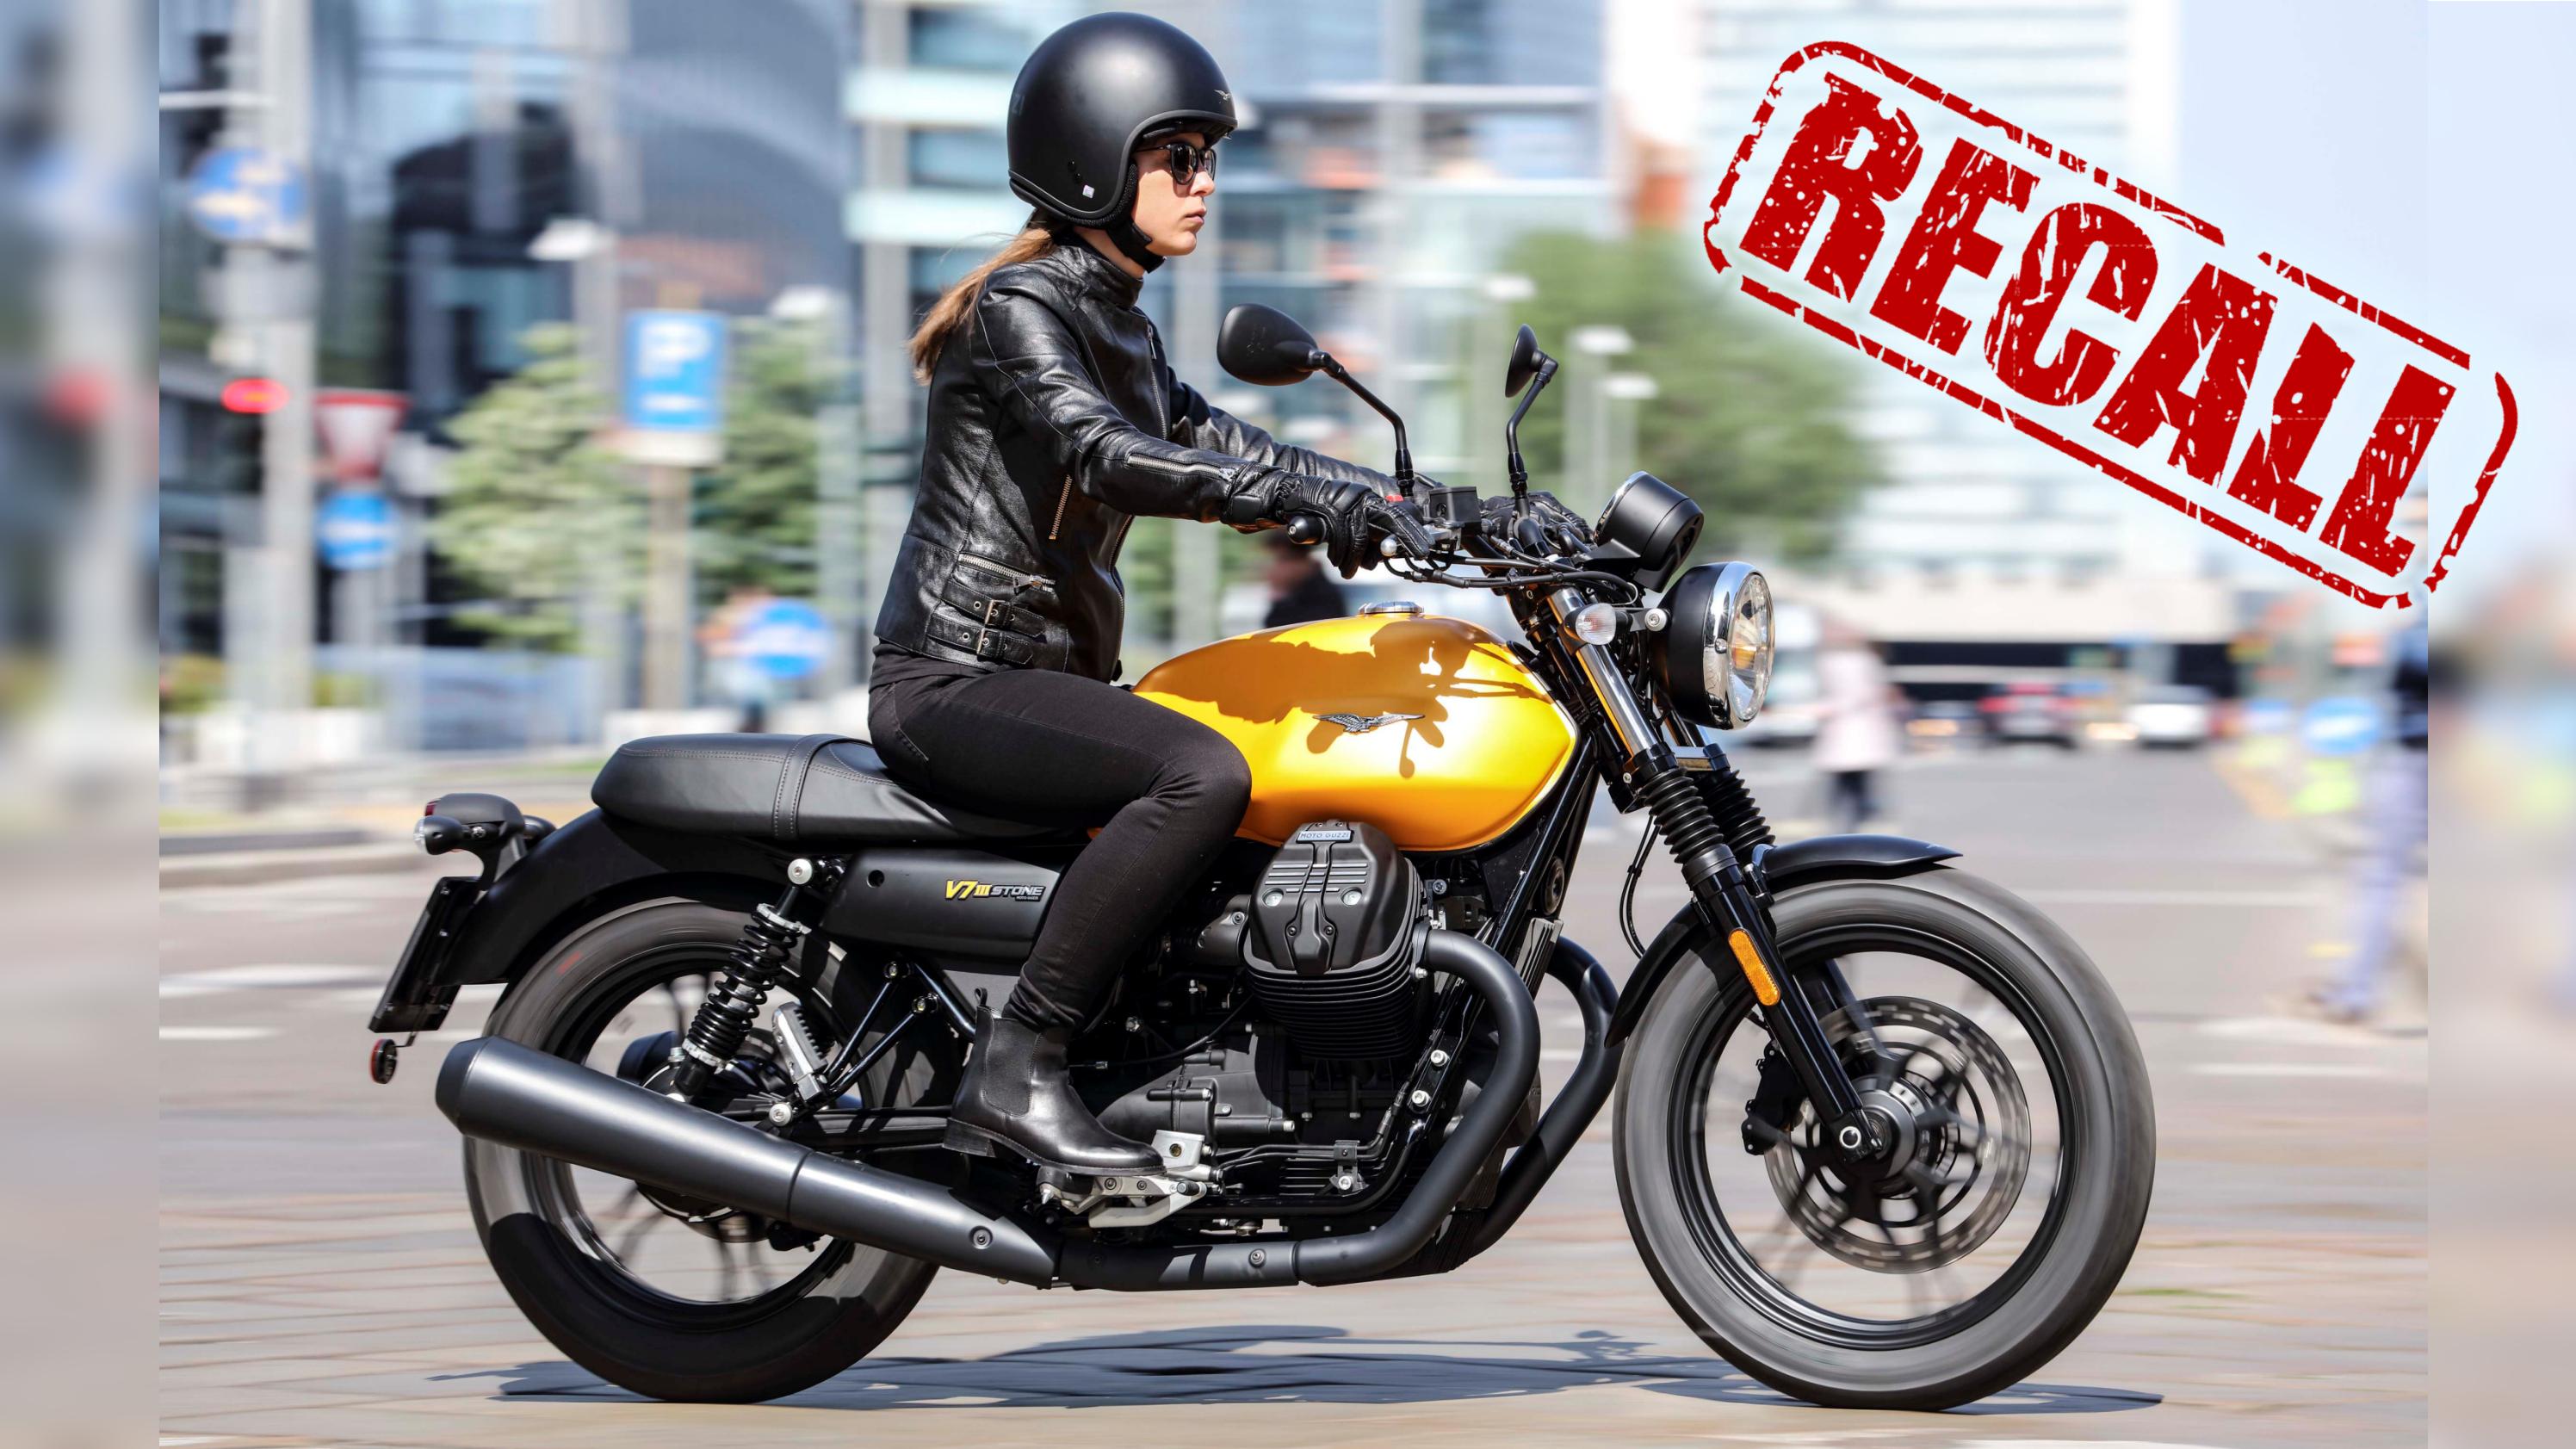 Piaggio/Moto Guzzi Recall notice